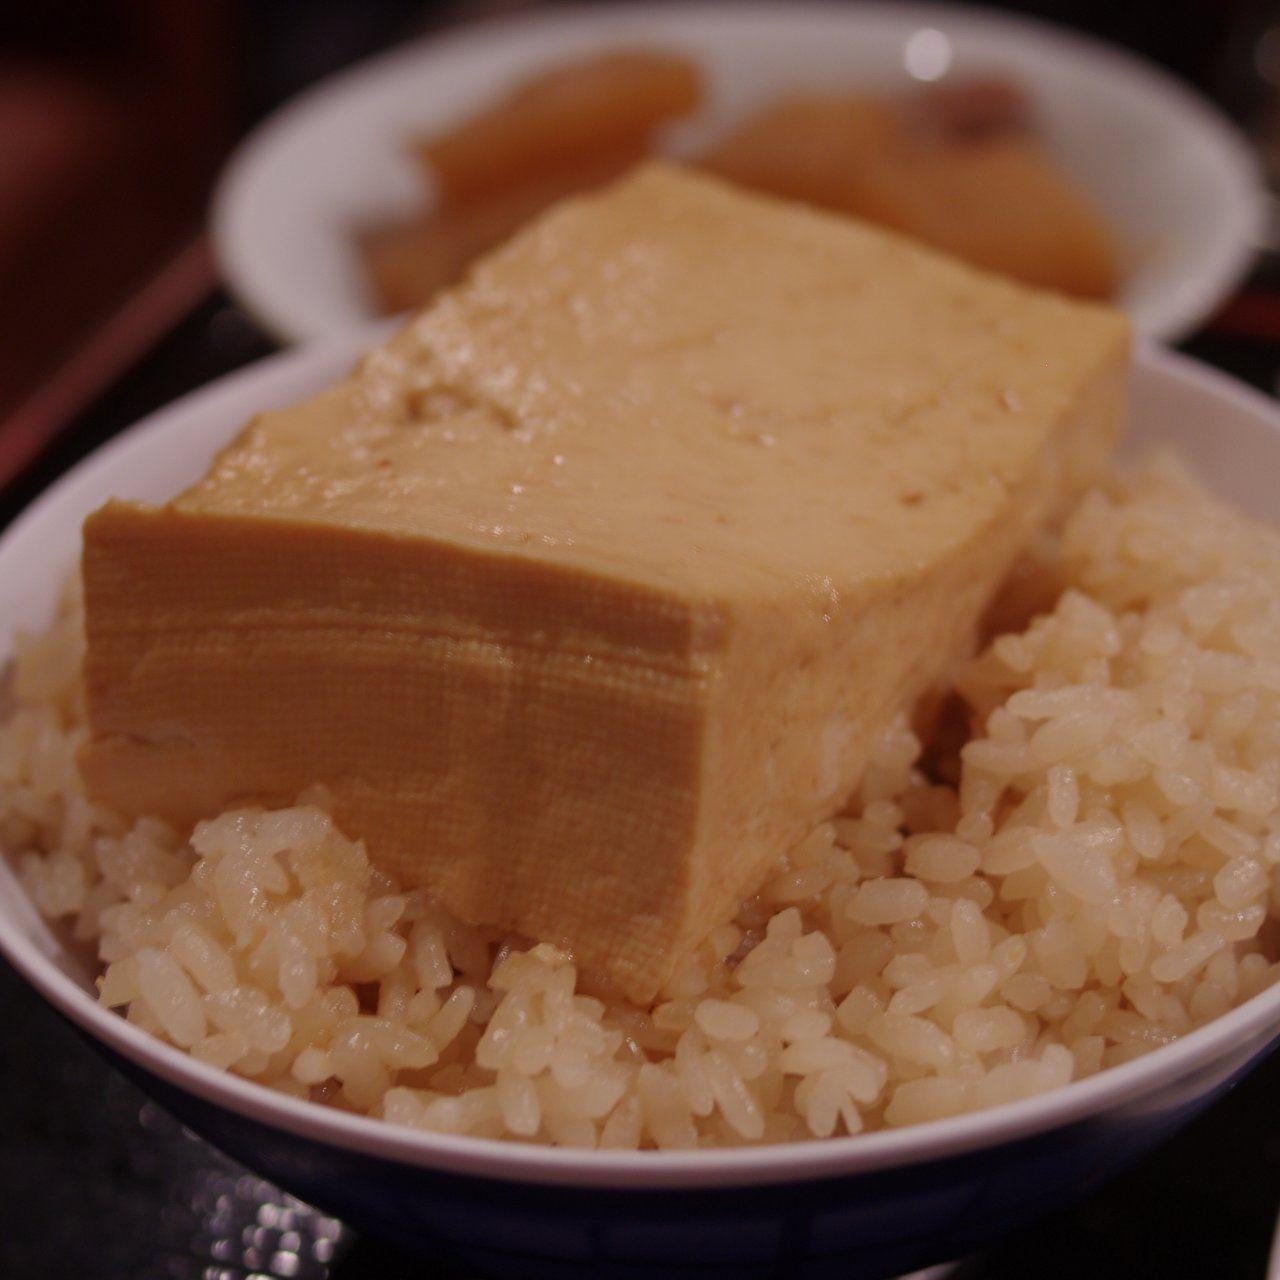 豆腐を乗せただけ!日本橋の「とうめし」が脅威的に旨いらしい